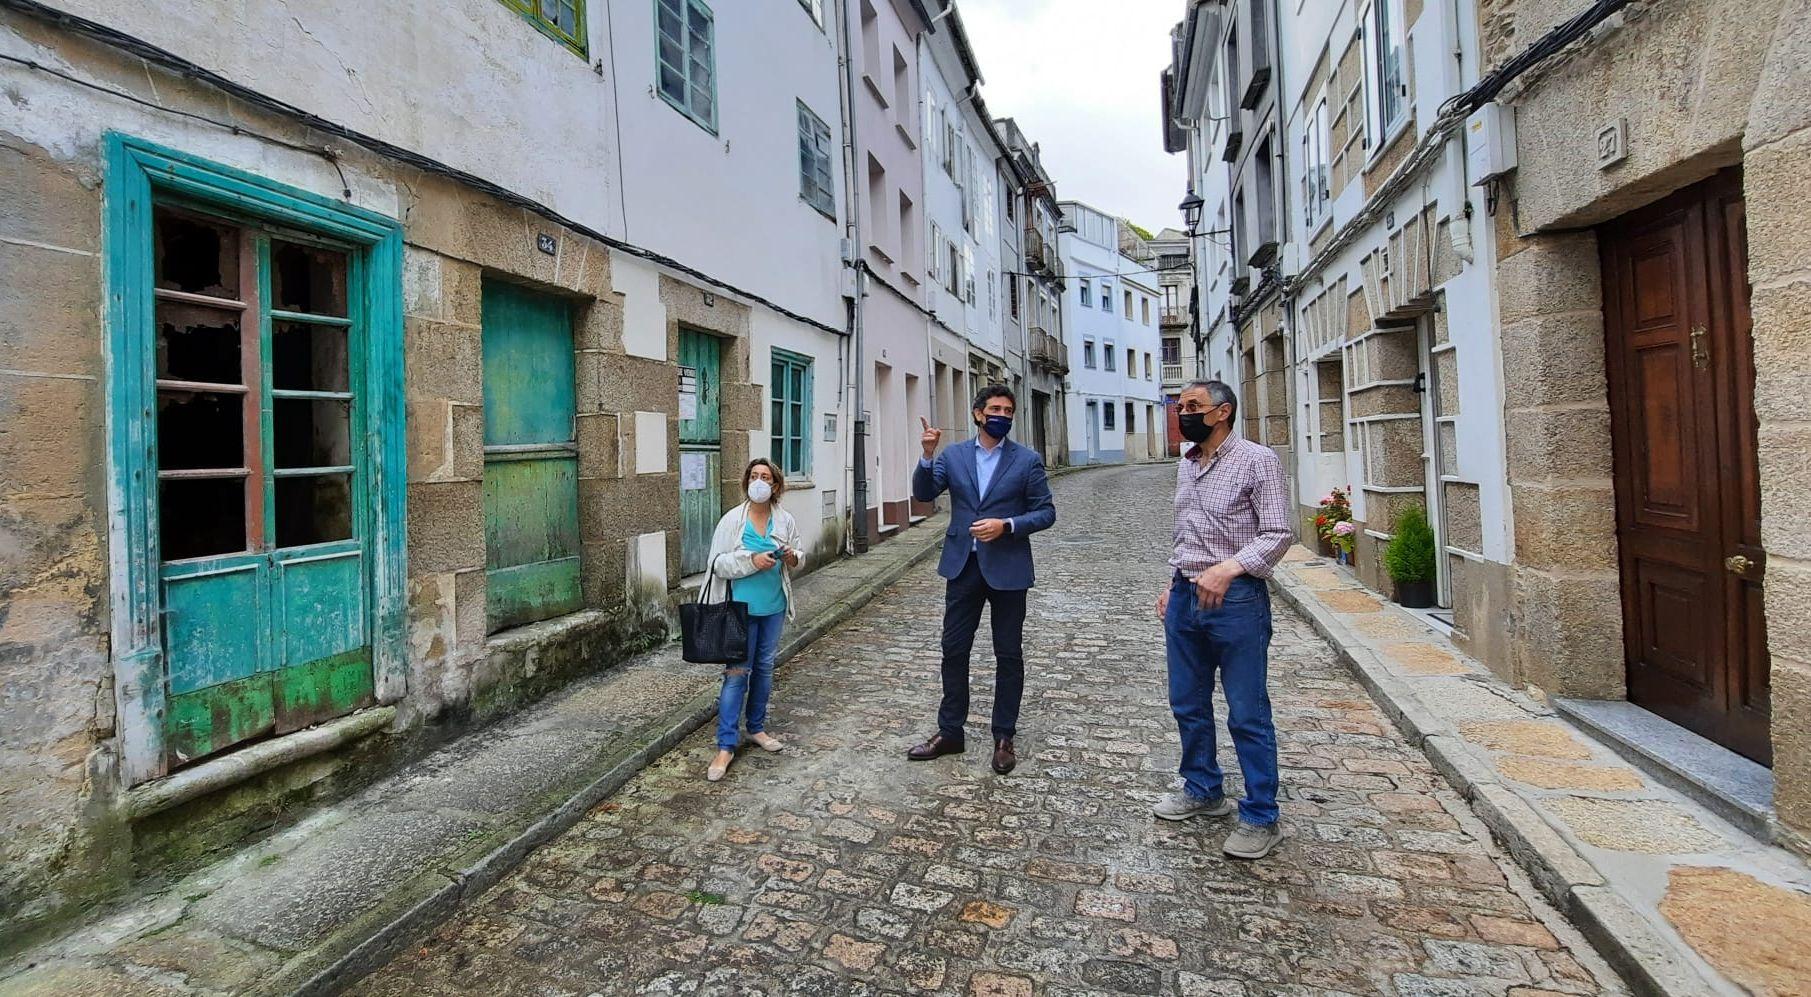 A Xunta licita a redacción dos proxectos para a rehabilitación de trece inmobles adquiridos no casco histórico de Mondoñedo